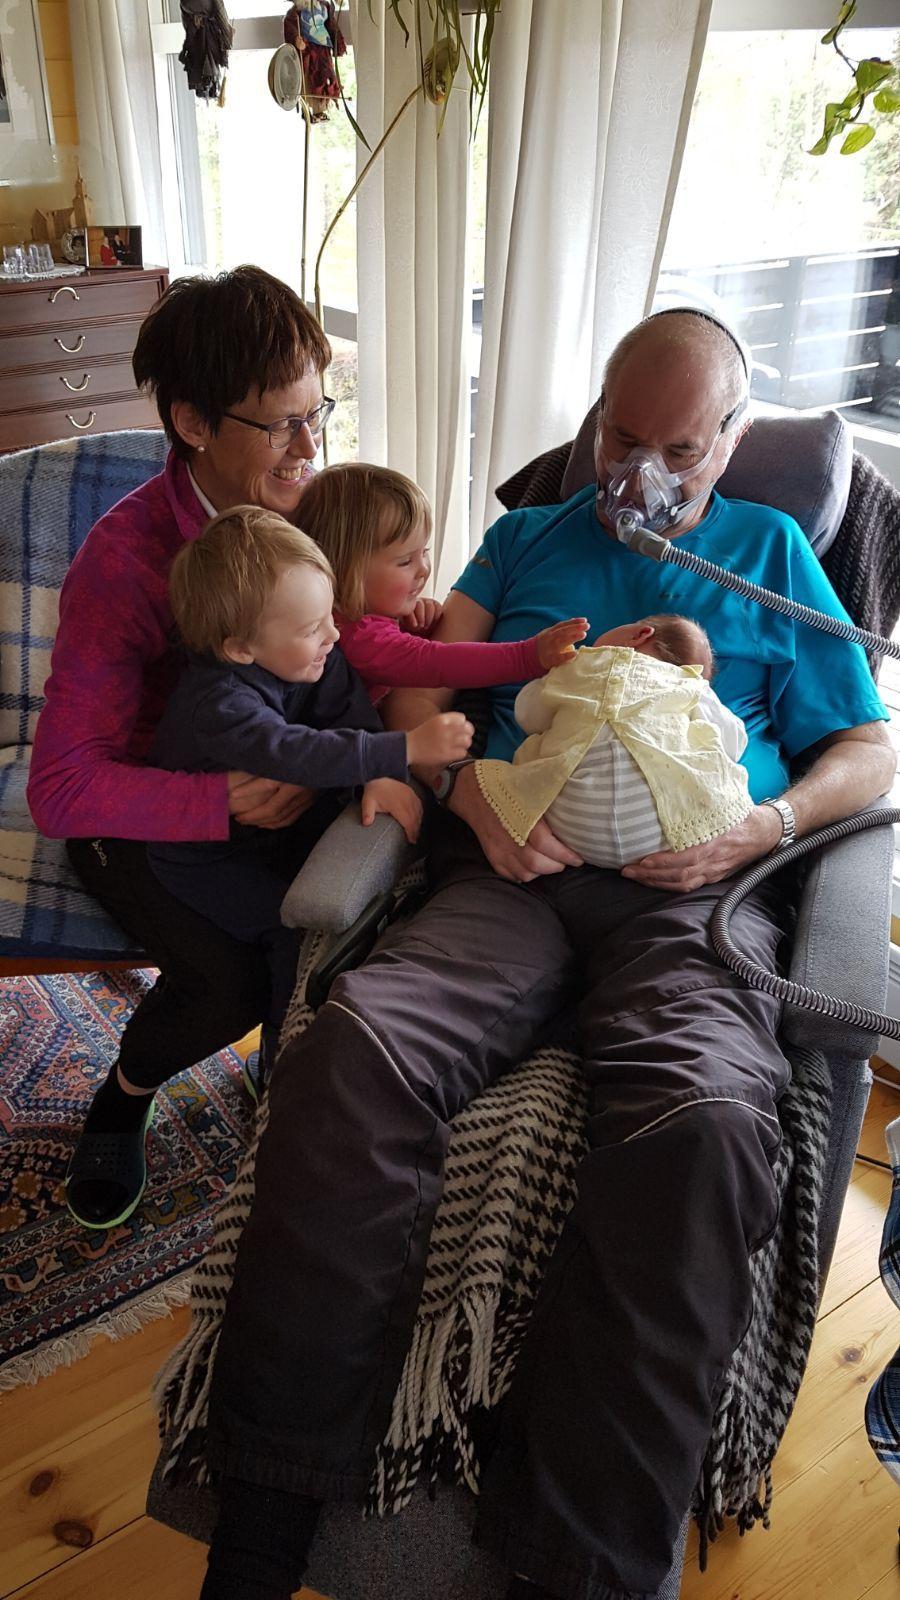 SAMMEN: Familien var viktig for Per Egil. De var grunnen til at han ønsket å bo hjemme, og ikke på institusjon. Her er han sammen med tre av barnebarna og kona, Beret.